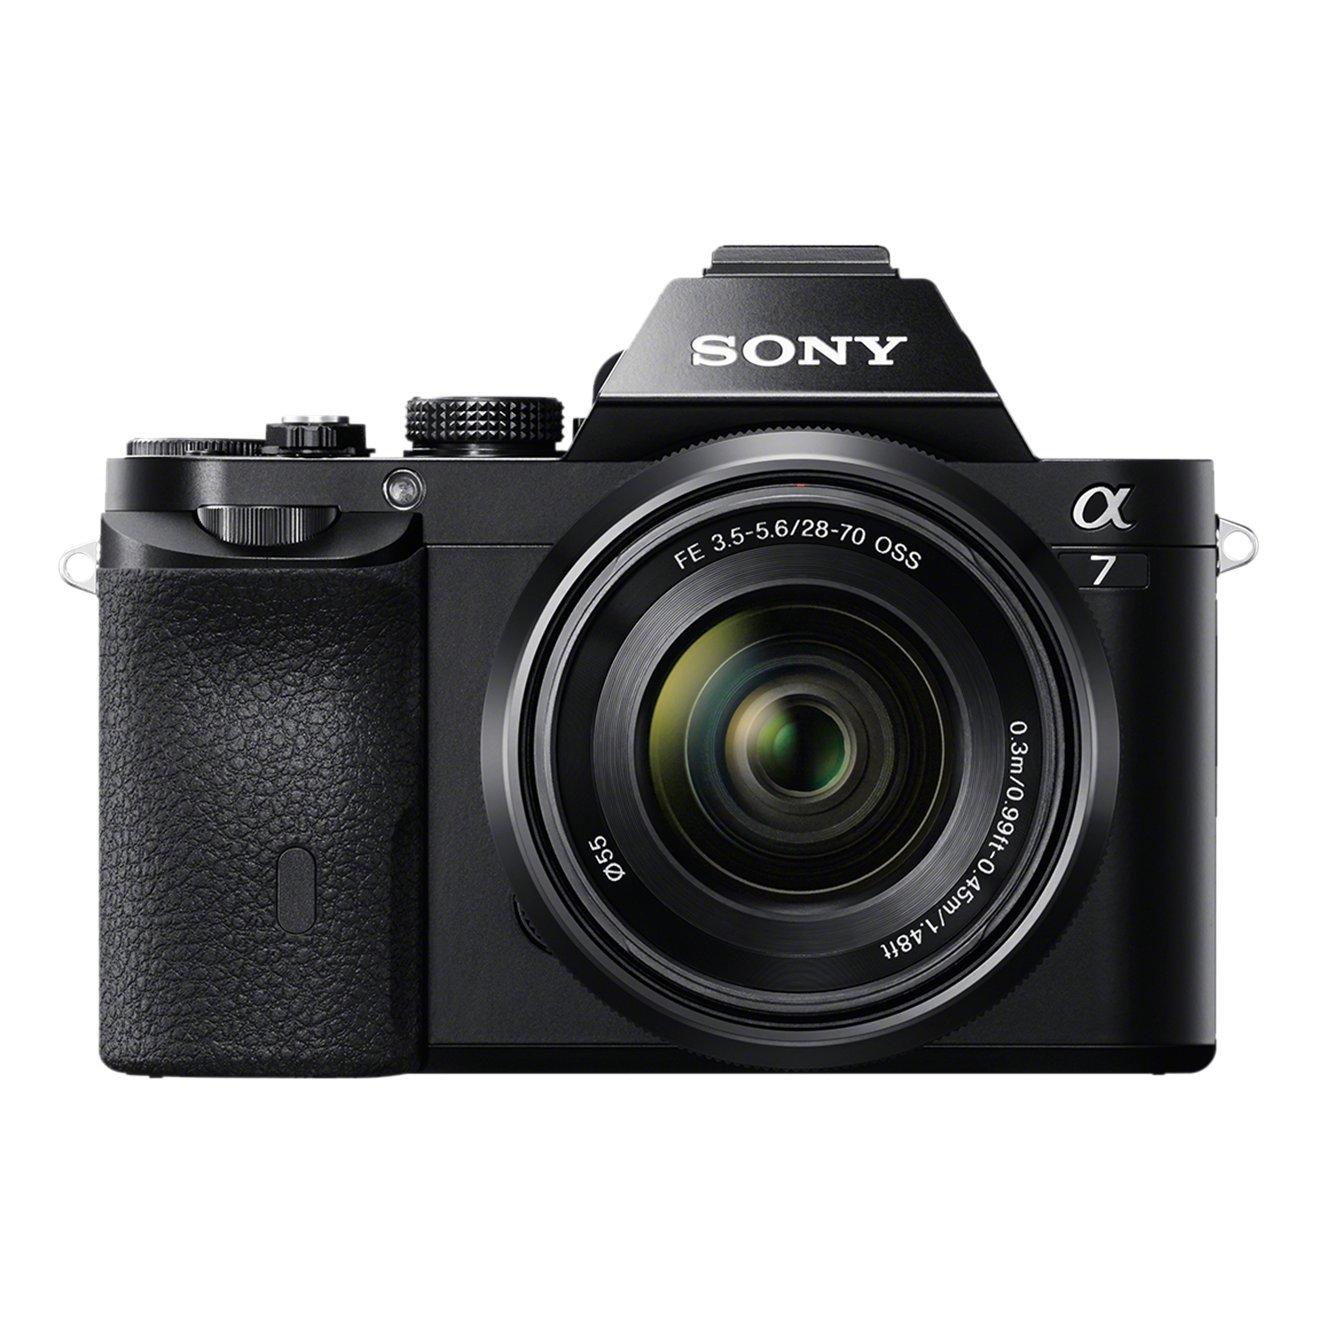 Sony Alpha 7K Kit Fotocamera Digitale Mirrorless Full-Frame con Obiettivo Intercambiabile SEL 28-70 mm, attacco Sony E-Mount, Sensore CMOS Exmor Full-Frame da 24.3 MP, Nero product image